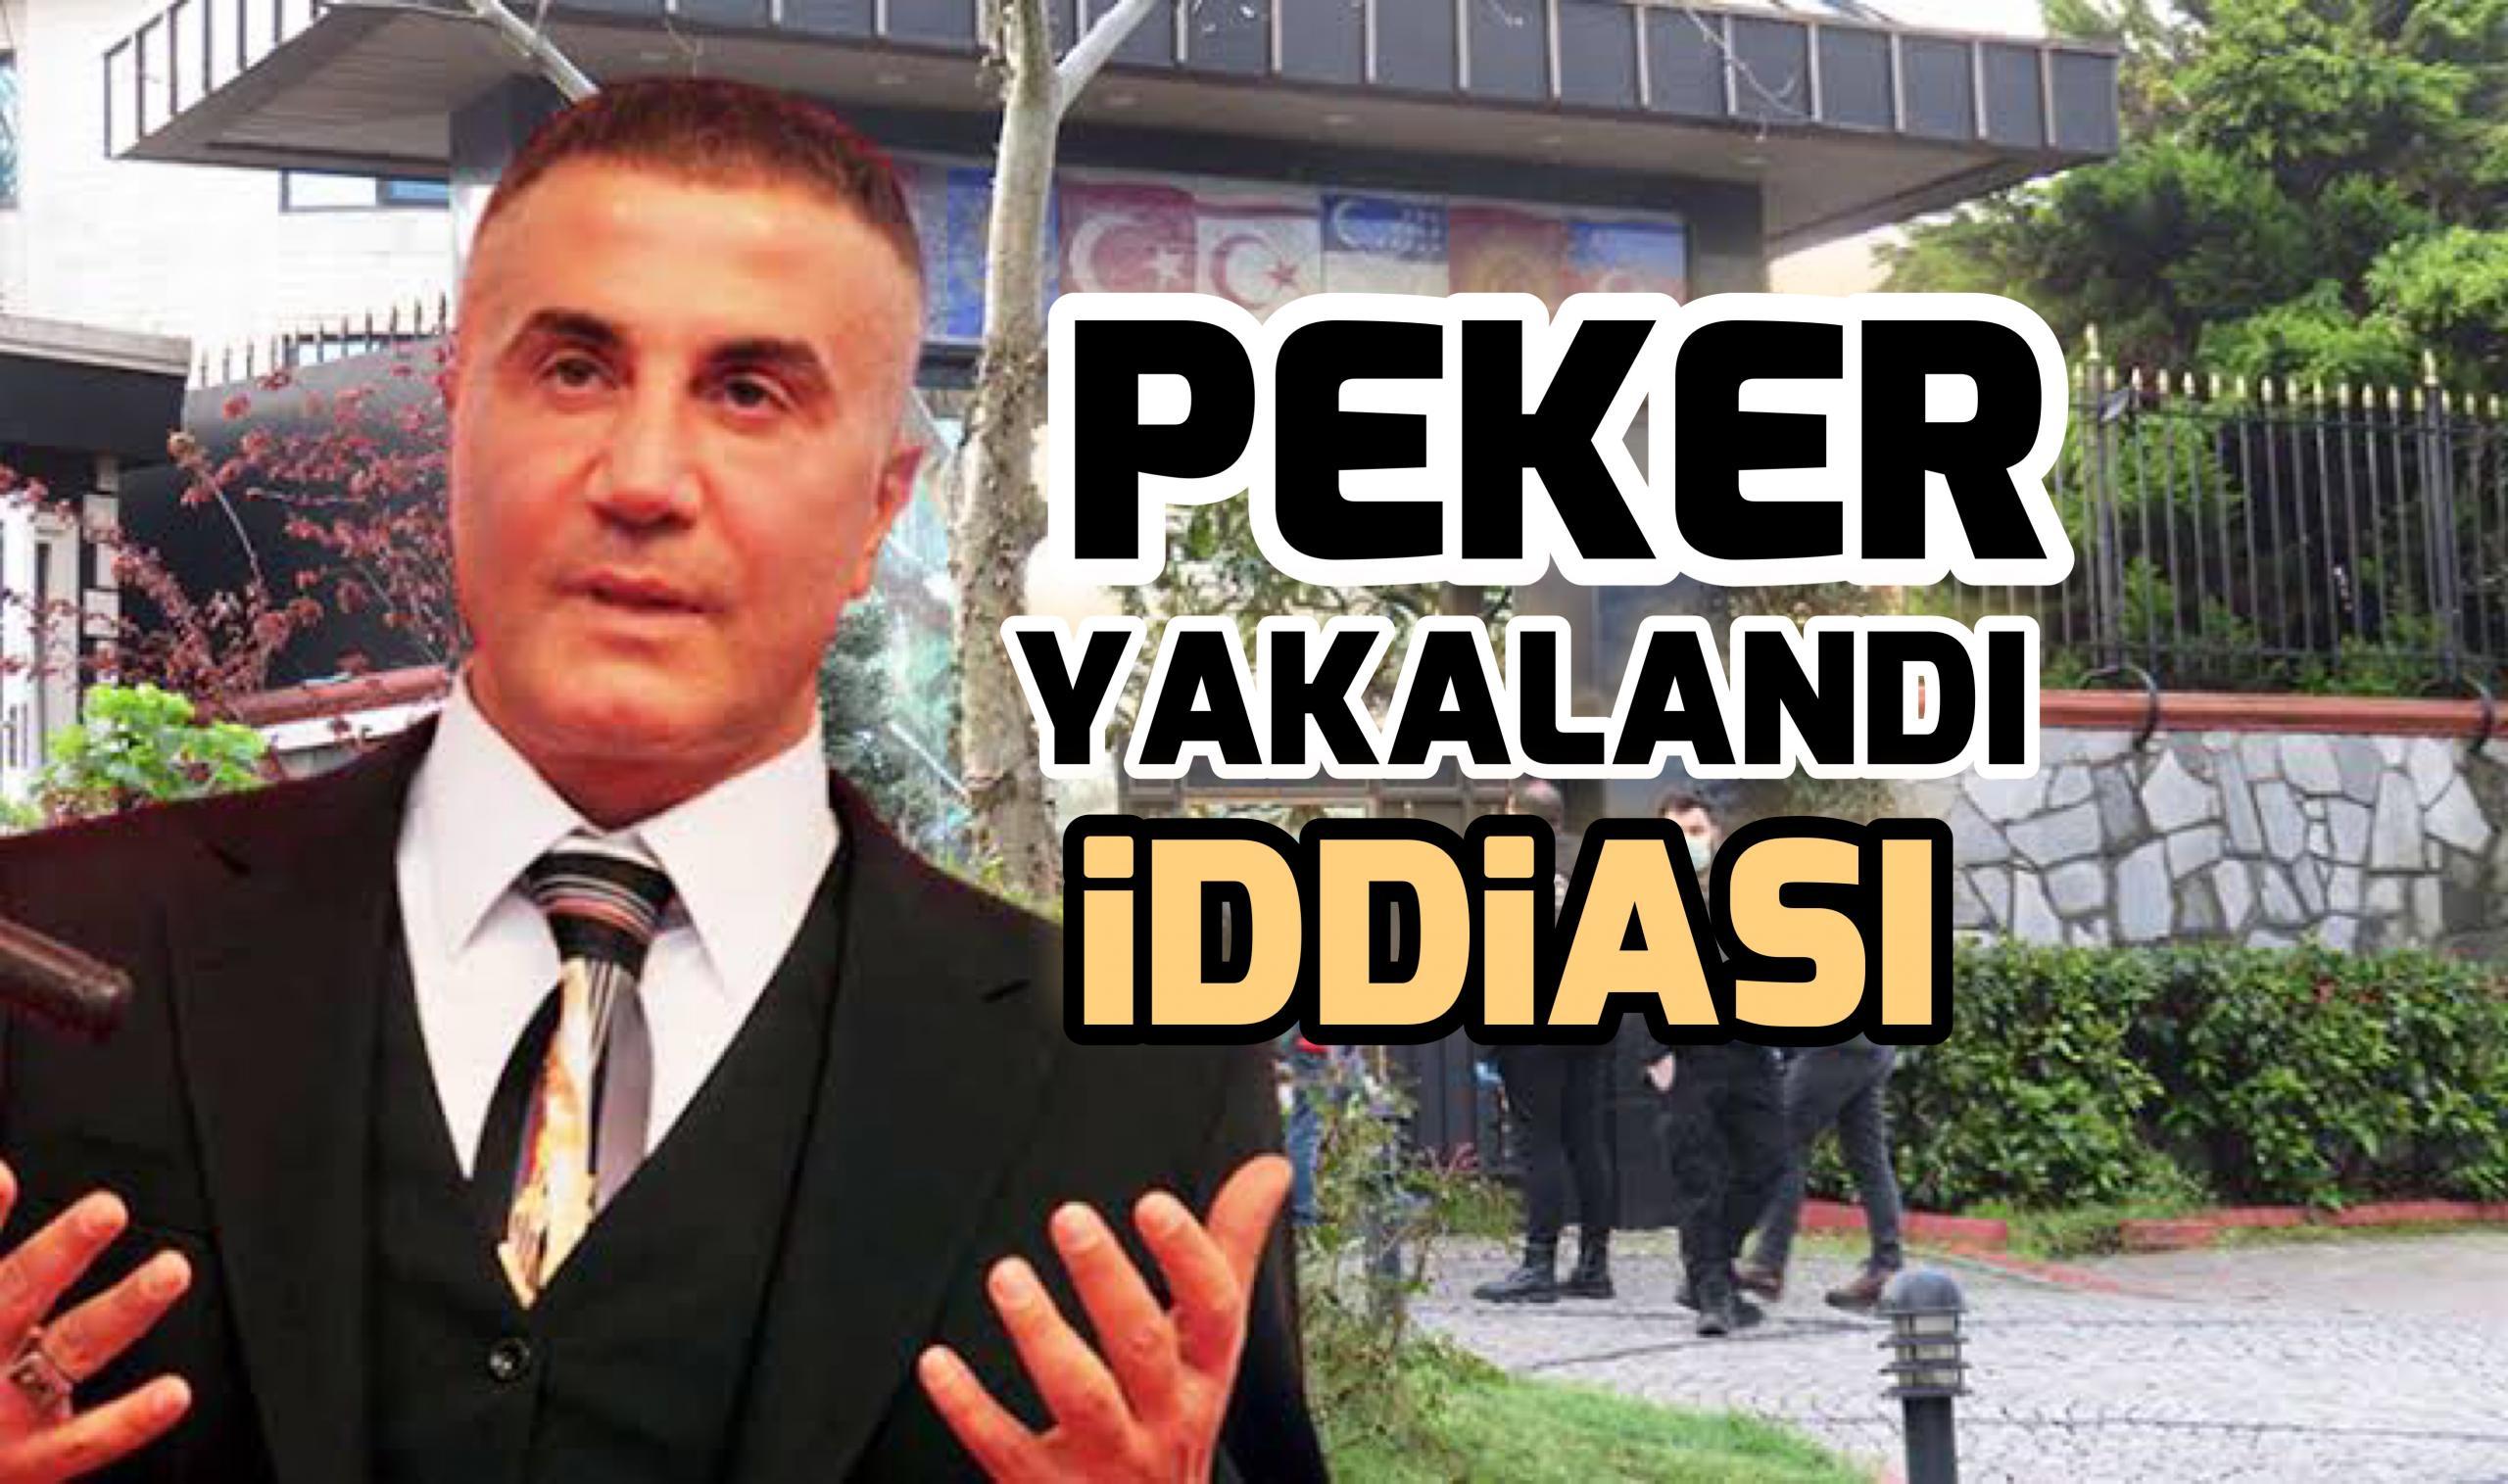 Sedat Peker yakalandı iddiası